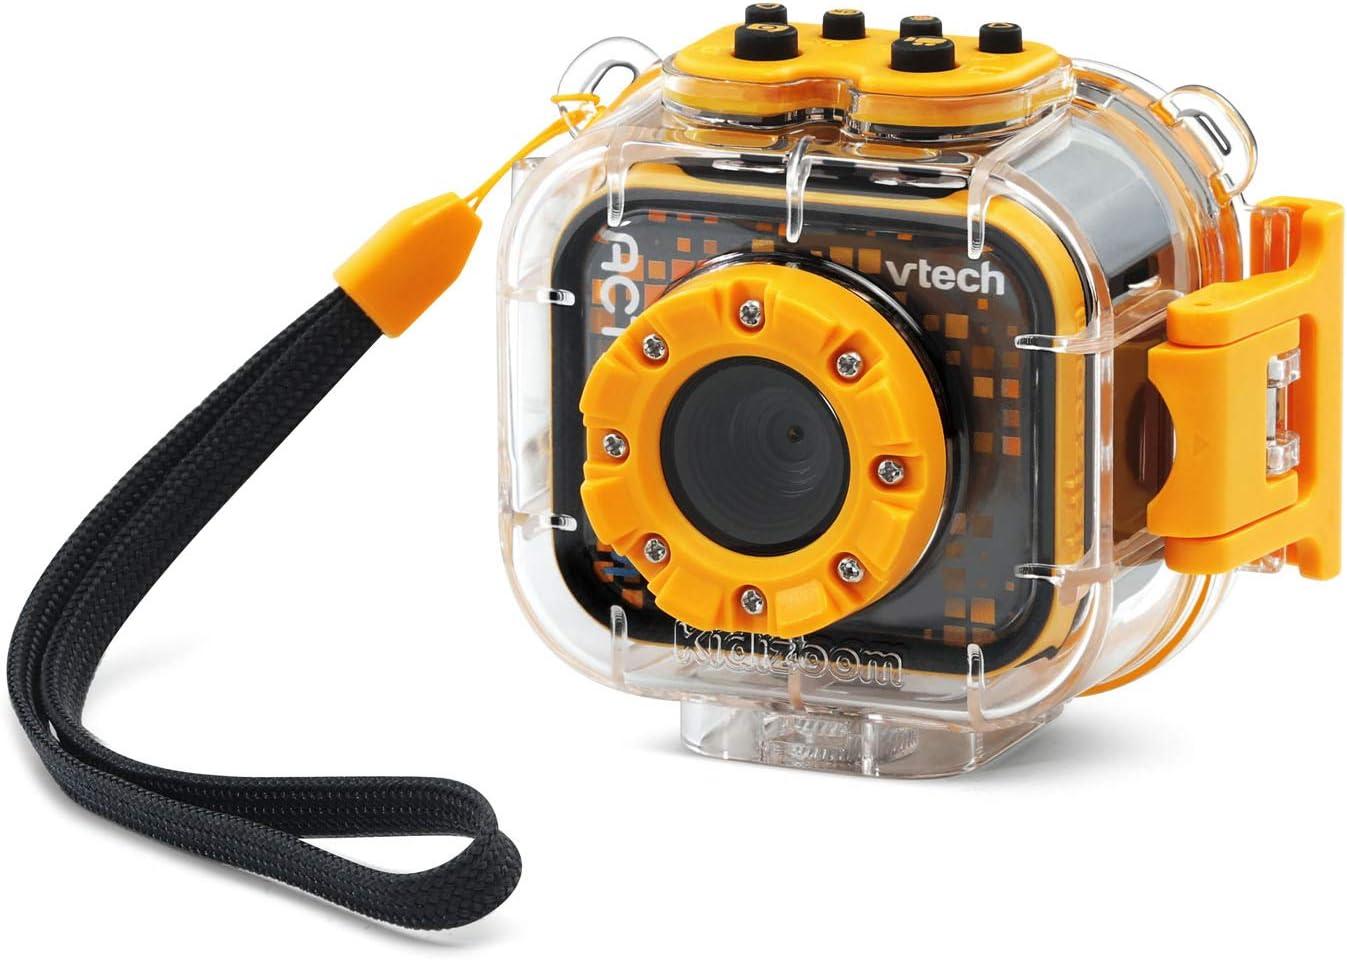 Best action camera under $100 | VTech Kidizoom overview